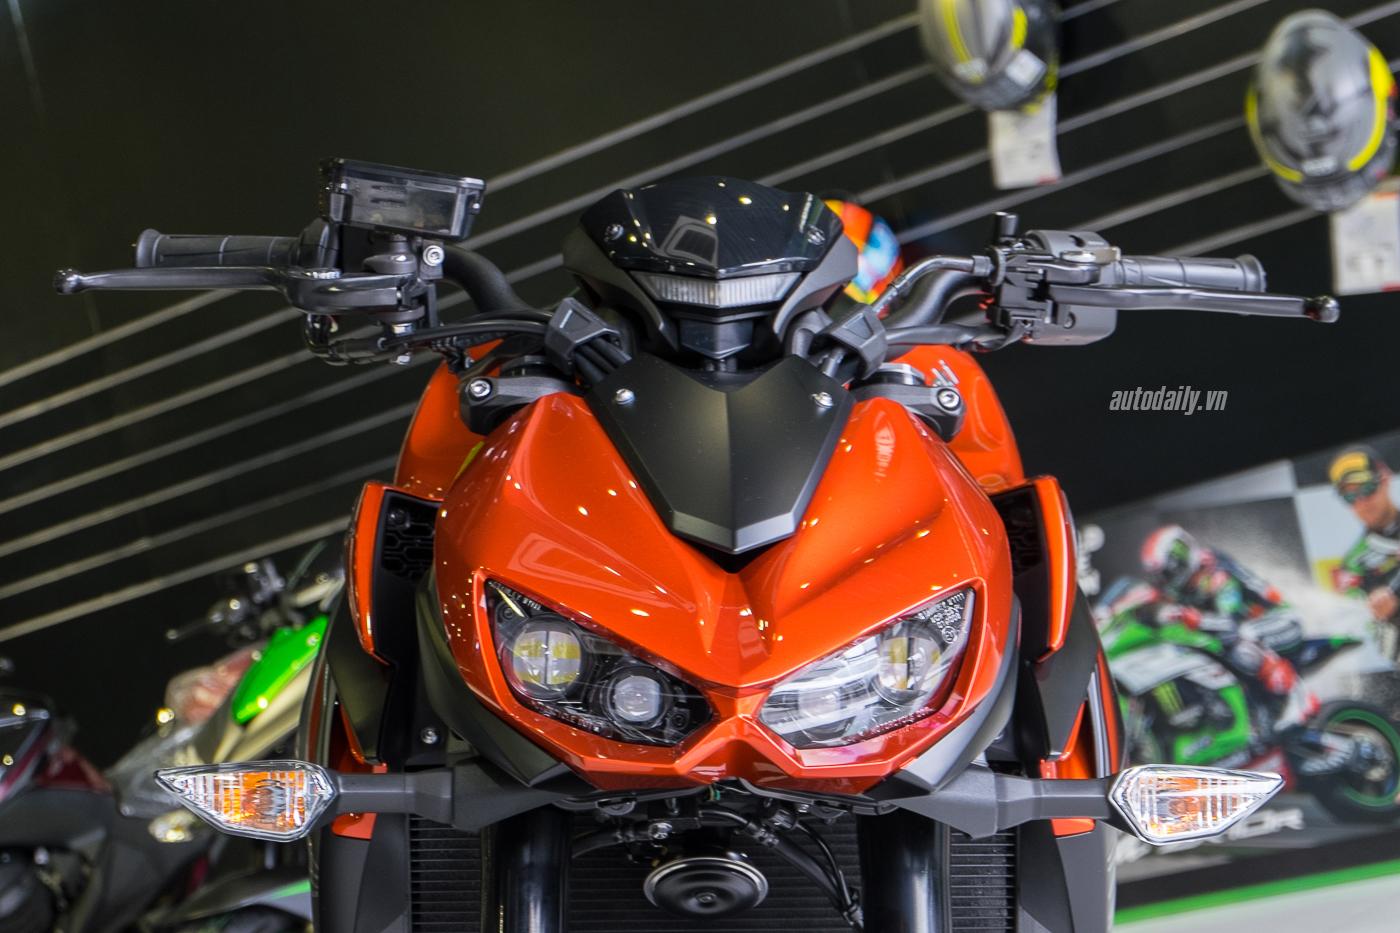 Kawasaki ra mắt tại Việt Nam với 2 bản: Z1000 2017 và Z1000 R Edition 2017-7.jpg